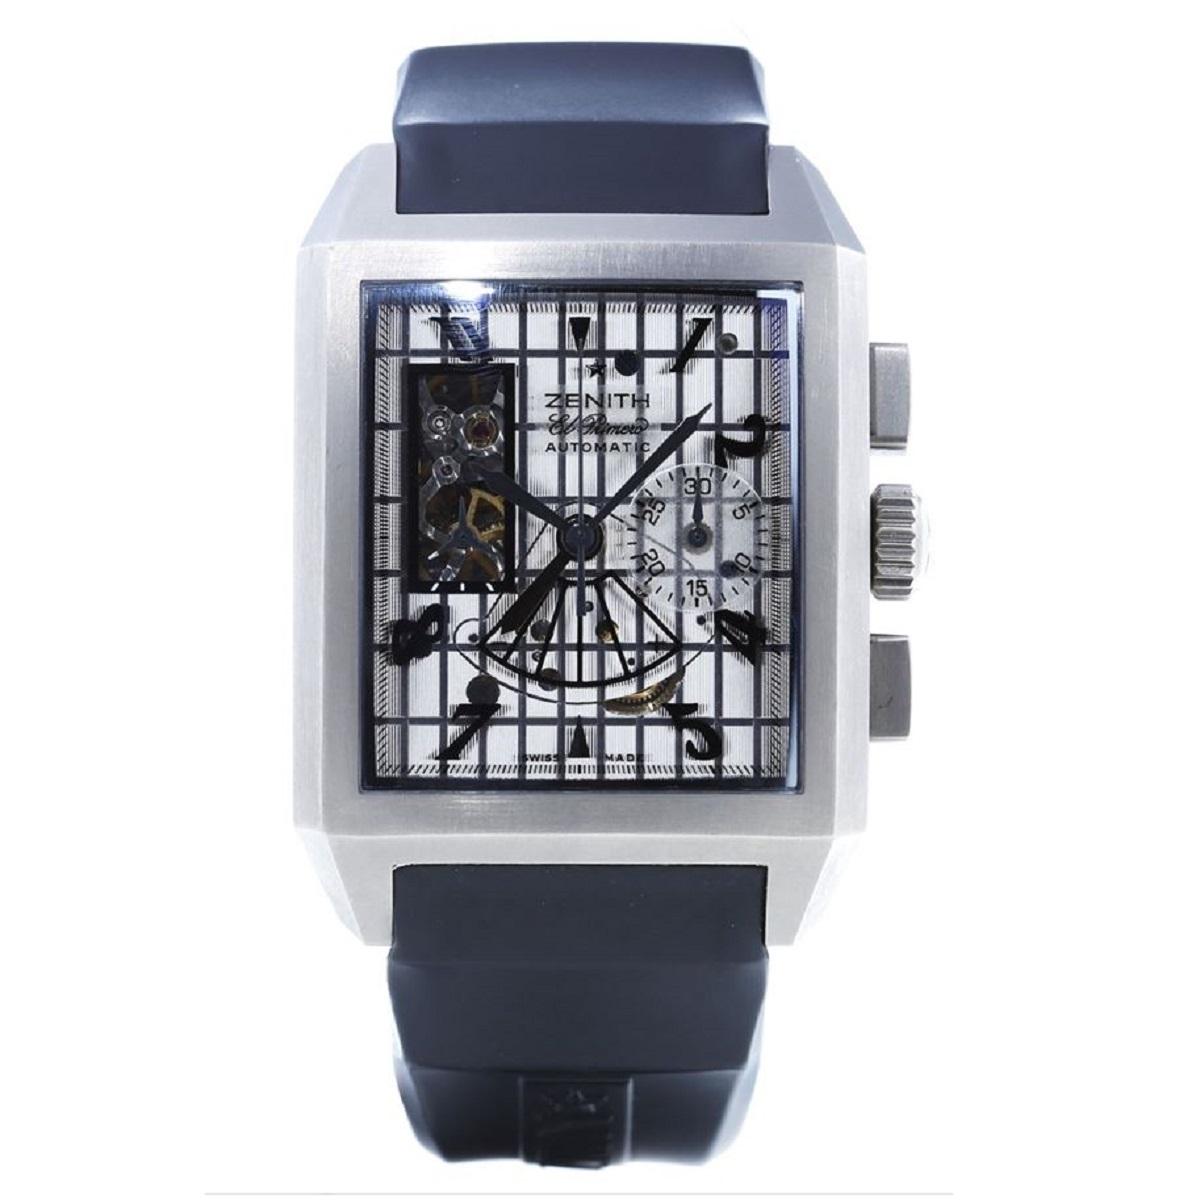 ゼニス ZENITH ポートロワイヤル 95 0540 4021 AT 自動巻き Ti チタニウム メンズ 腕時計 送料無料【トレジャースポット】【中古】